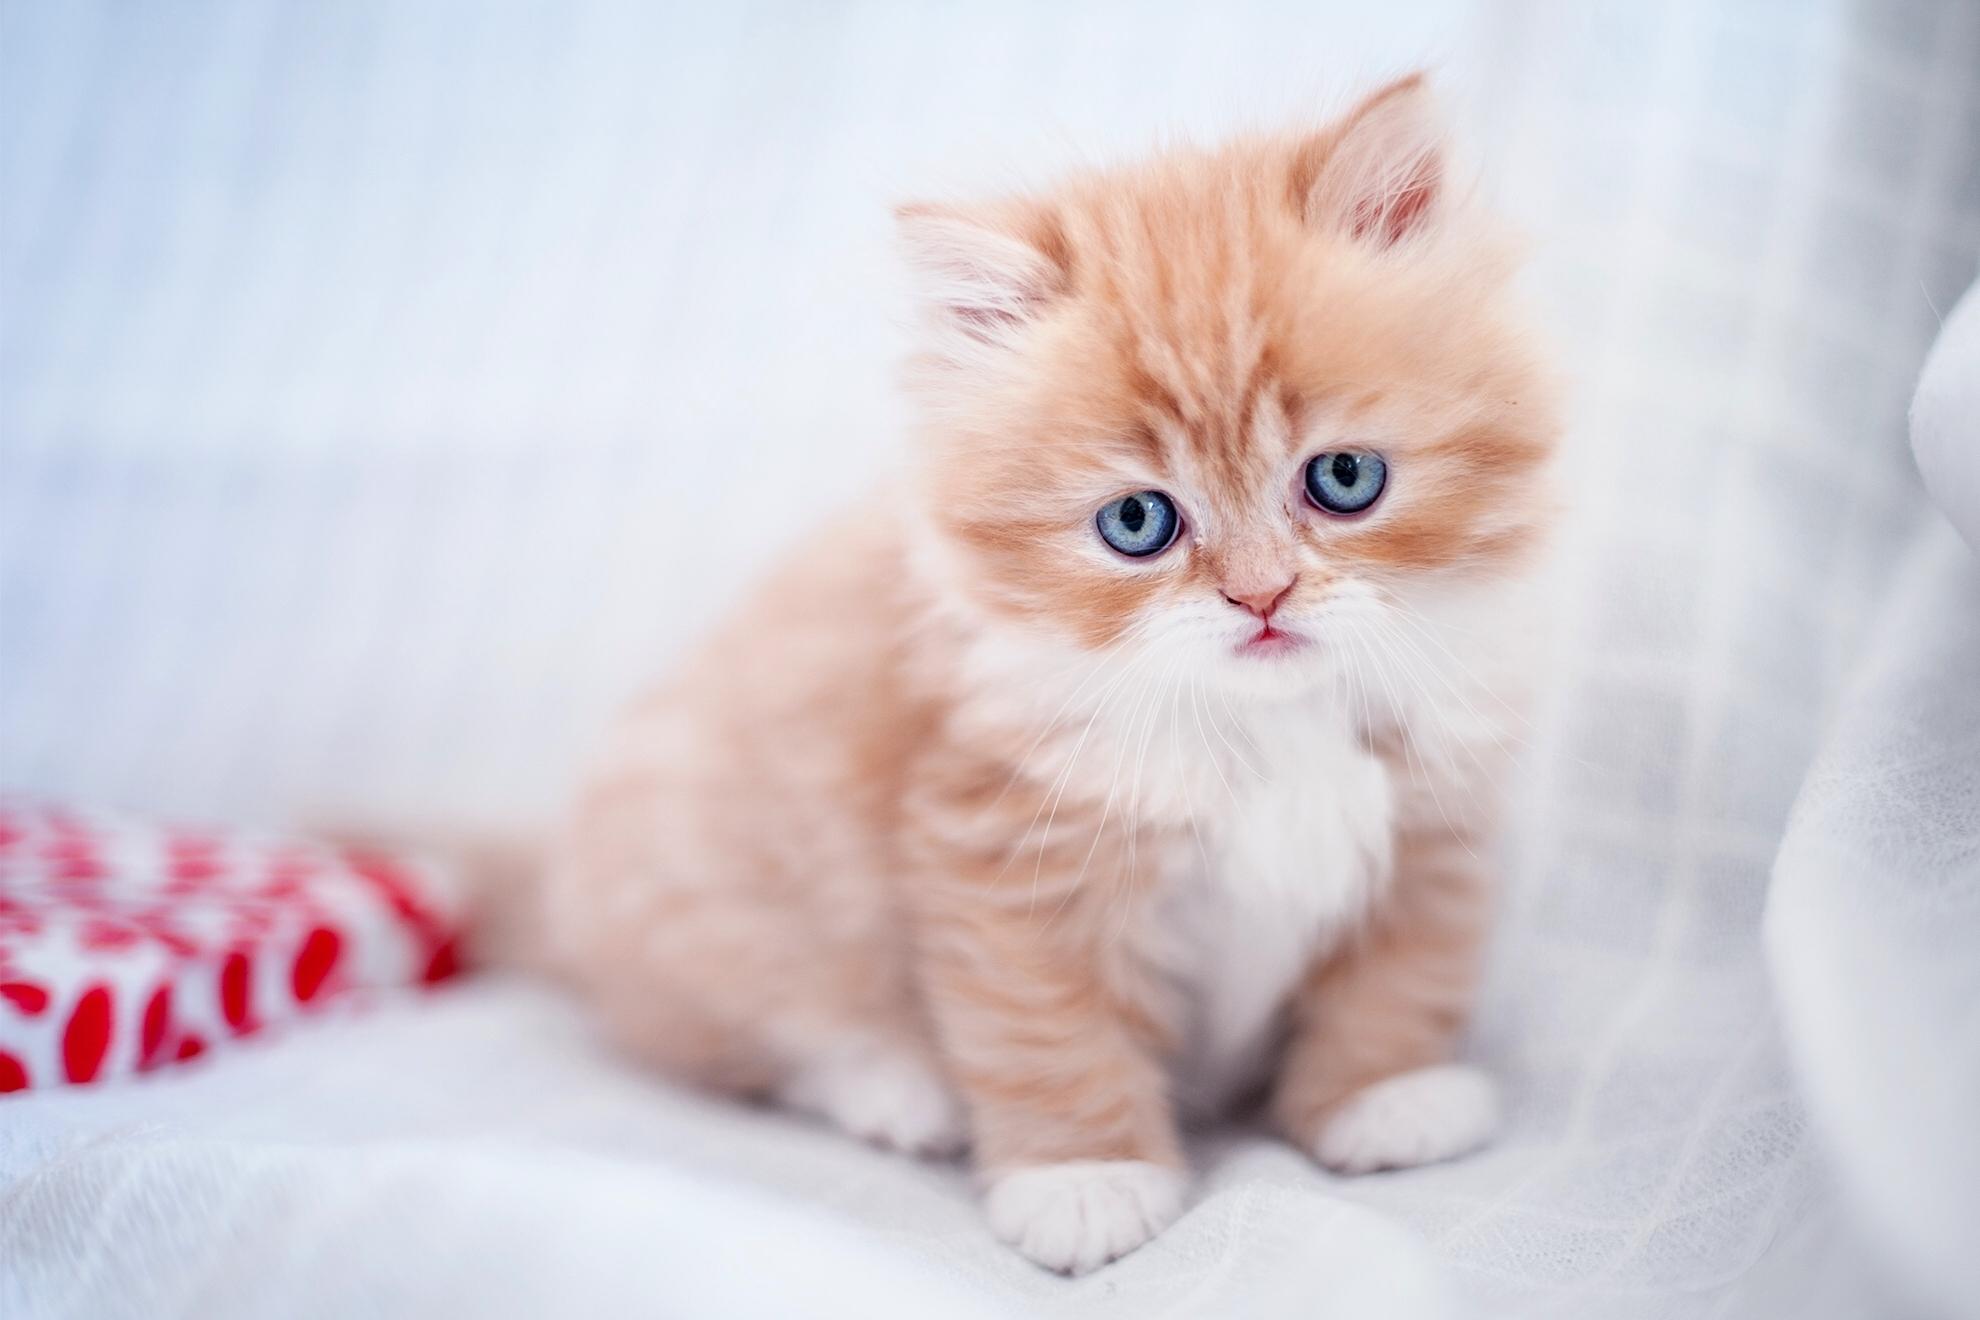 Рыжий котенок  № 1144349 бесплатно